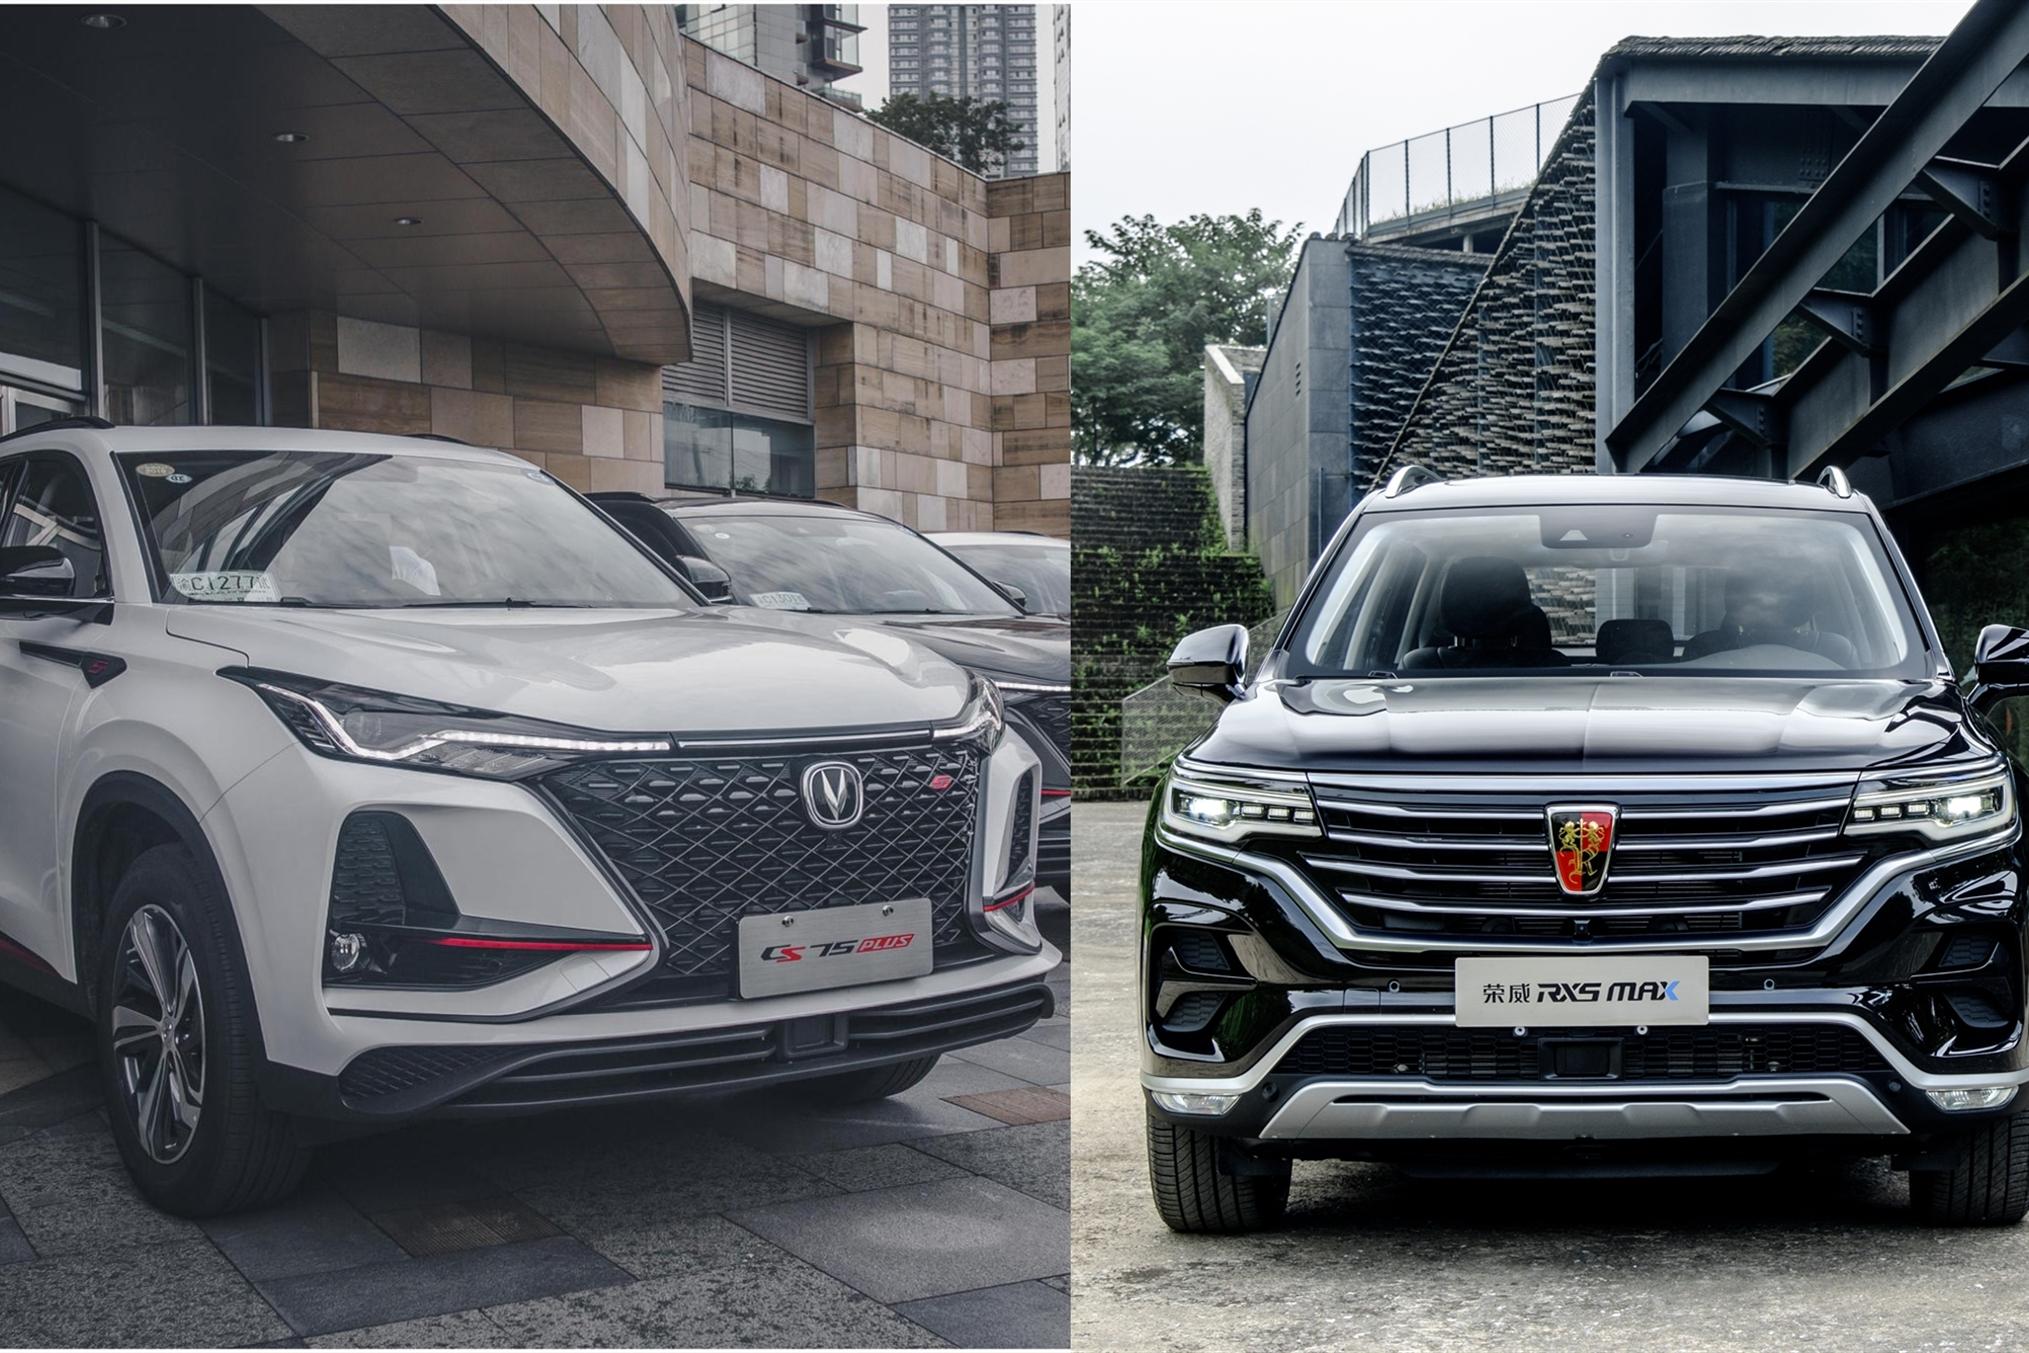 金九银十买车季,长安CS75 PLUS和荣威RX5 MAX,消费者该怎么选?